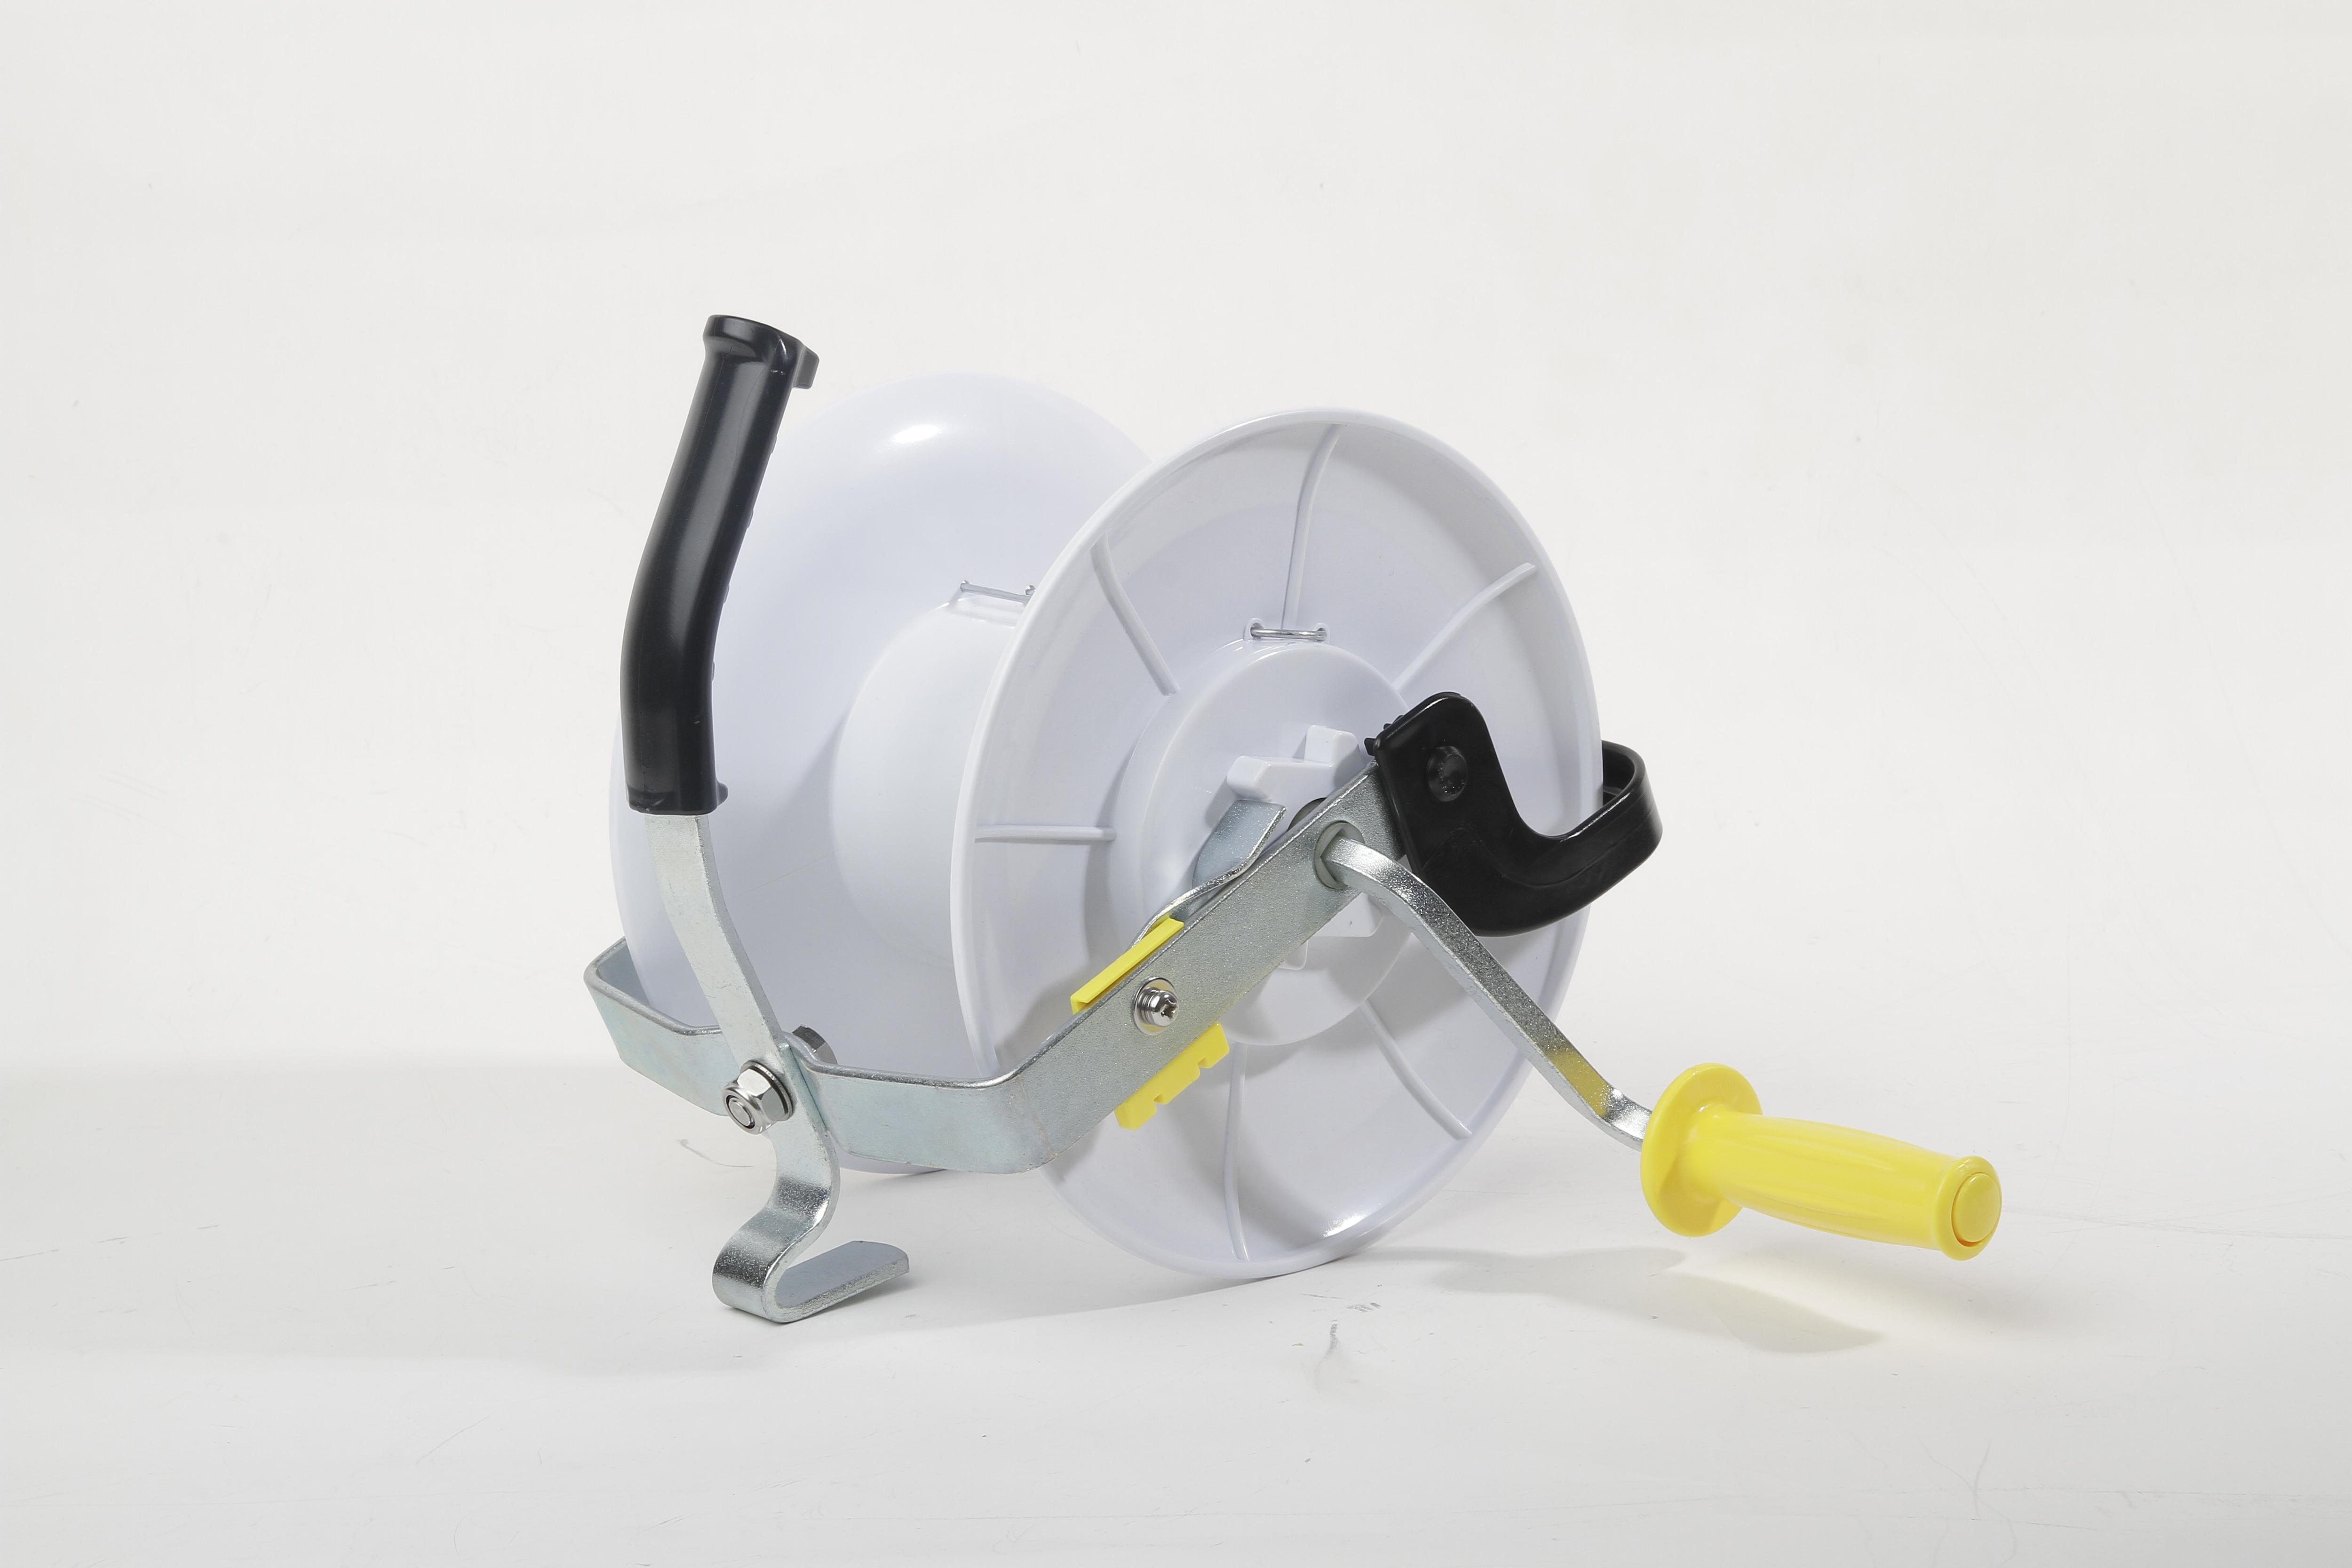 Fence farm reel 3:1 Geared Reel / Spool (3:1)ABS reel ,fishing reel free shipping reel nursing